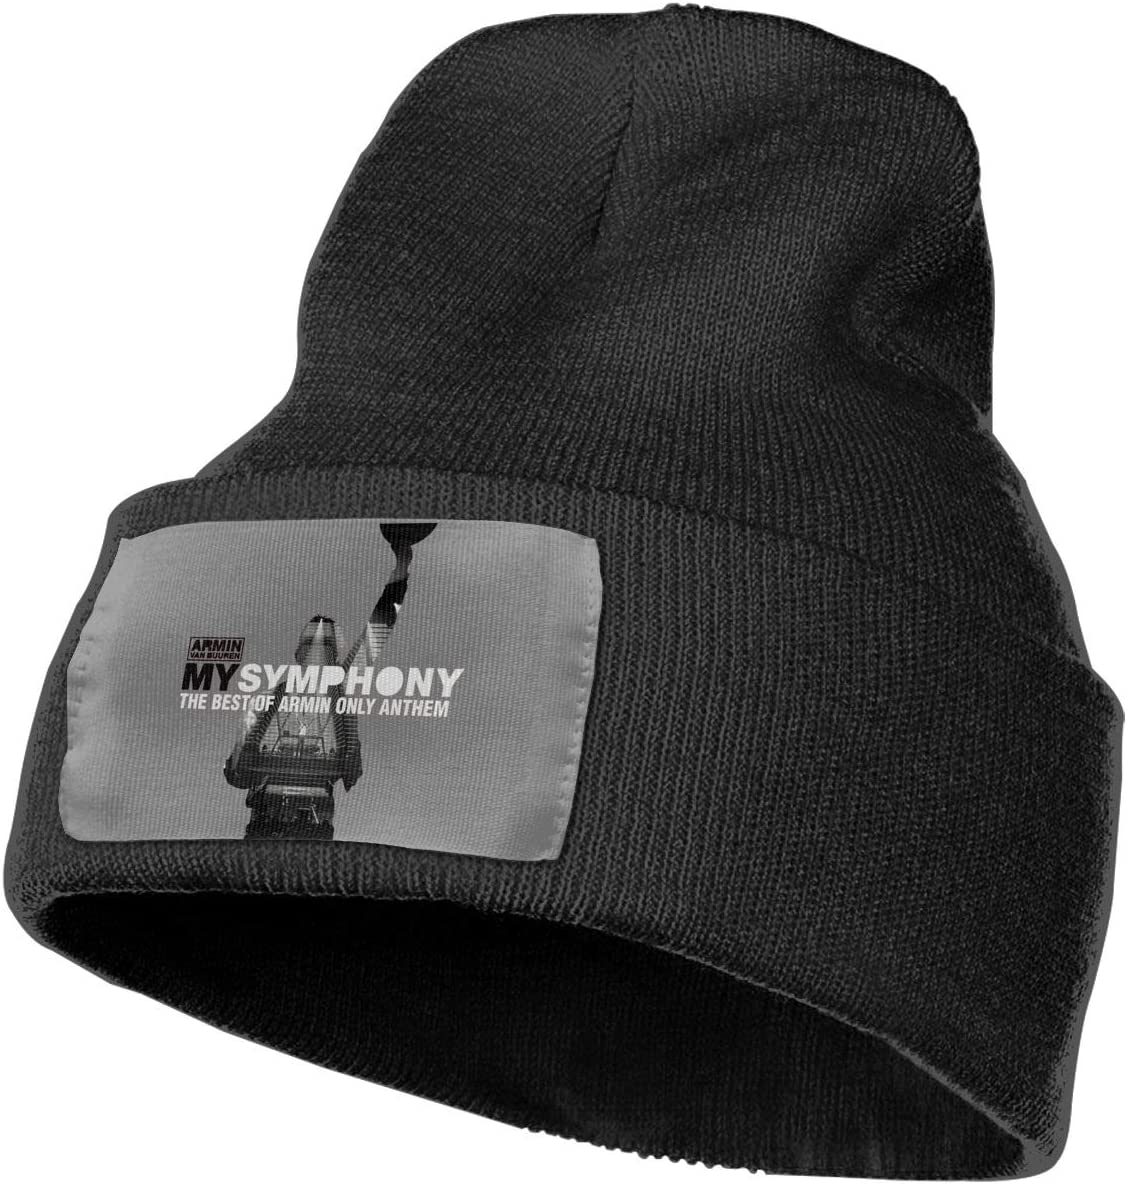 Huaichuanhua Armin Van Buuren Golf Cap Knitting Hat Warm Winter Knit Hat 71Hj1JpFWkL